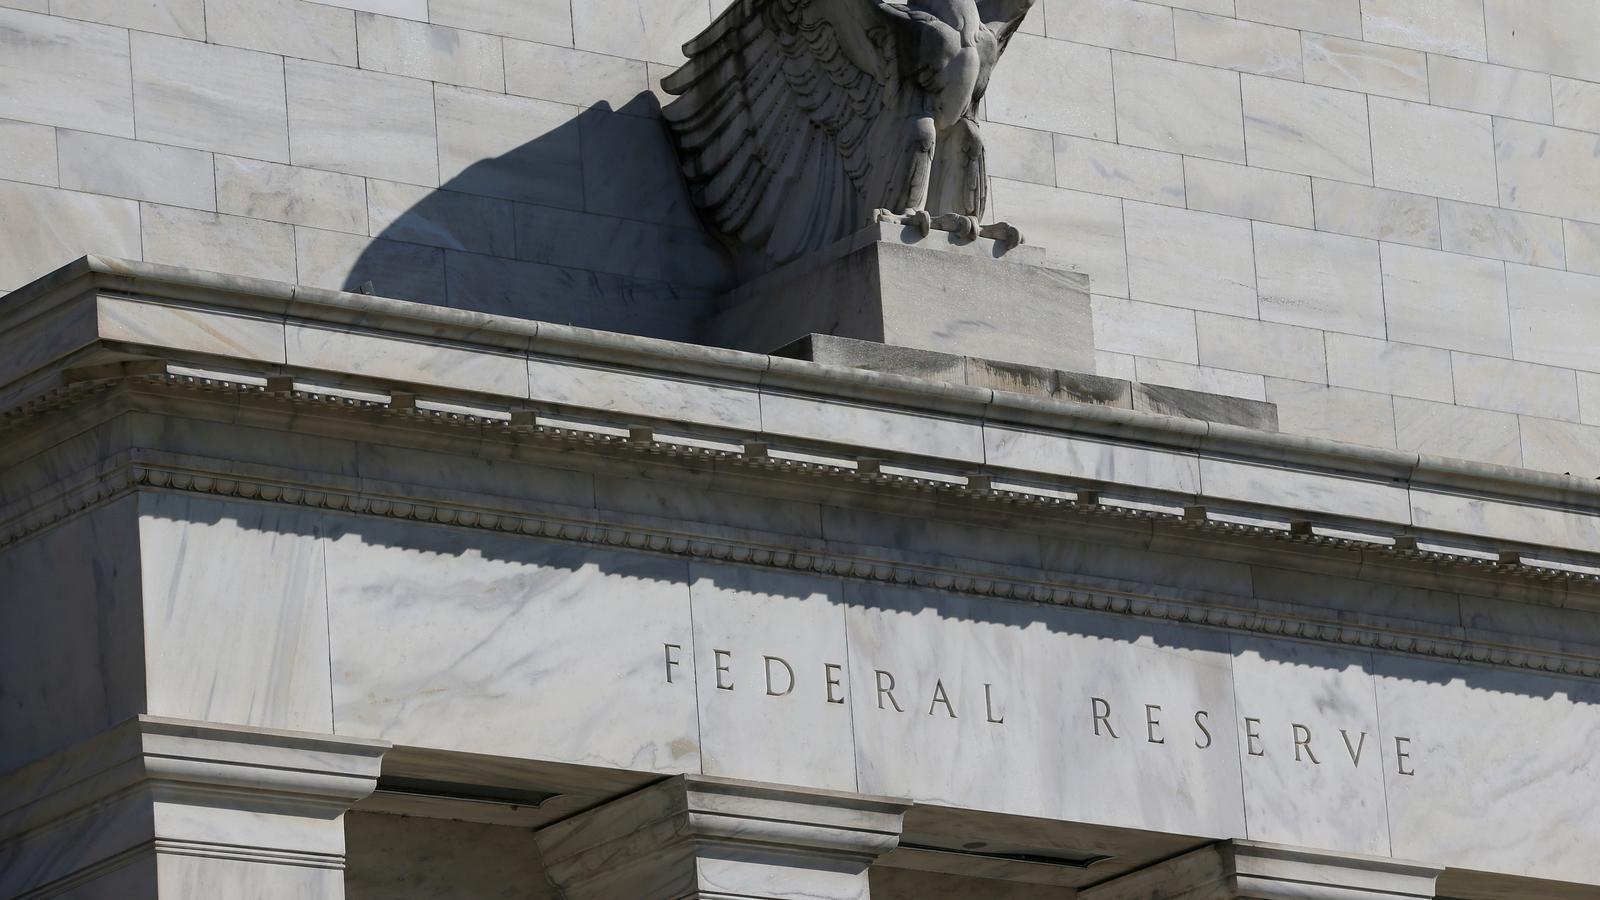 Què suposa per a l'economia mundial la decisió de la Reserva Federal?